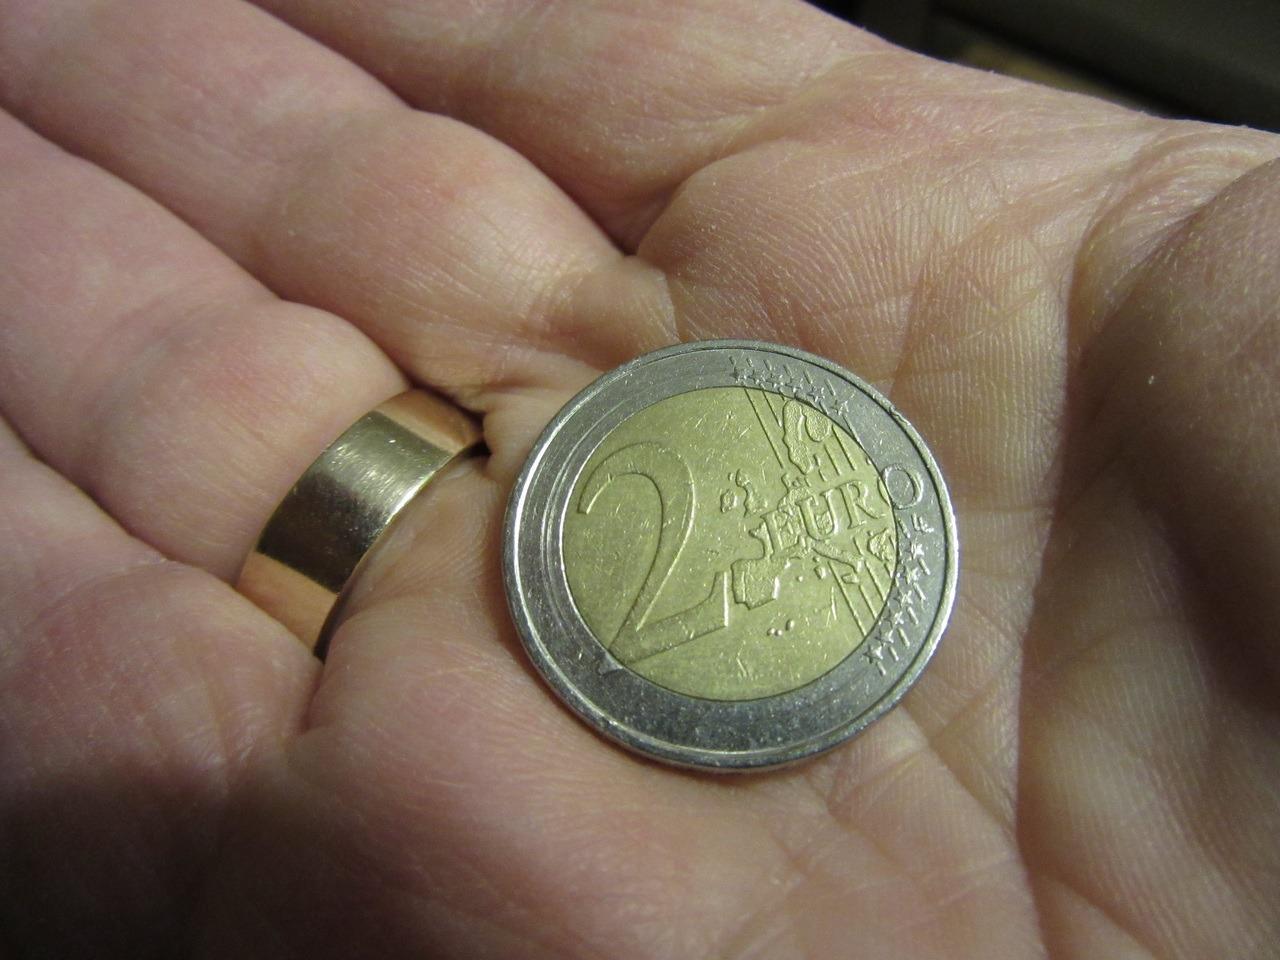 1 ou 2 euros en argent de poche par semaine